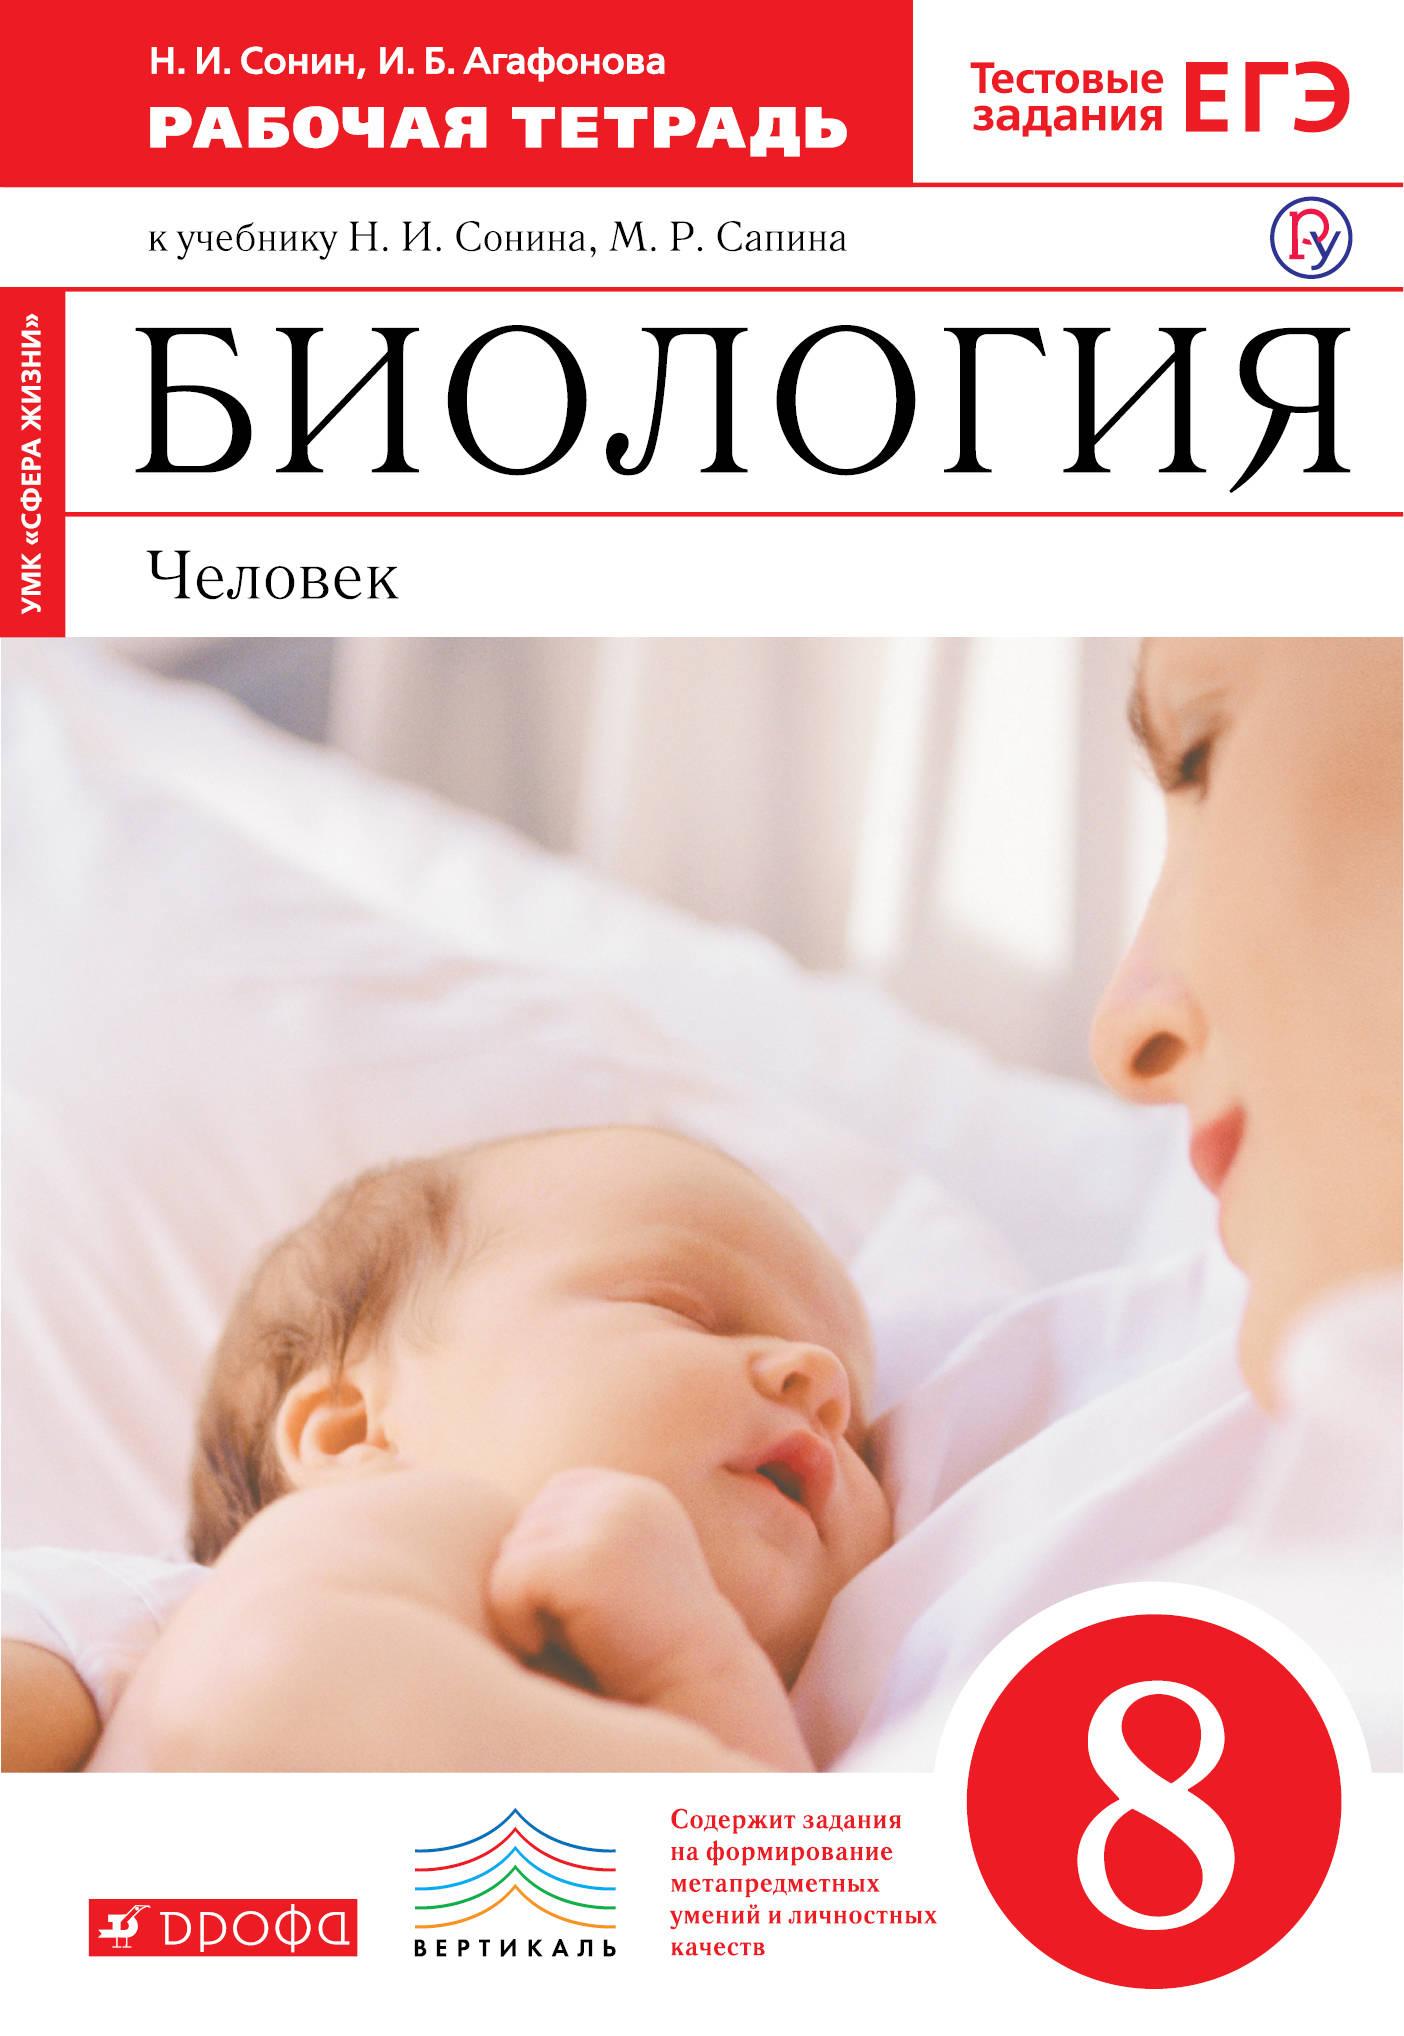 Н. И. Сонин,И. Б. Агафонова Биология. 8 класс. Человек. Рабочая тетрадь